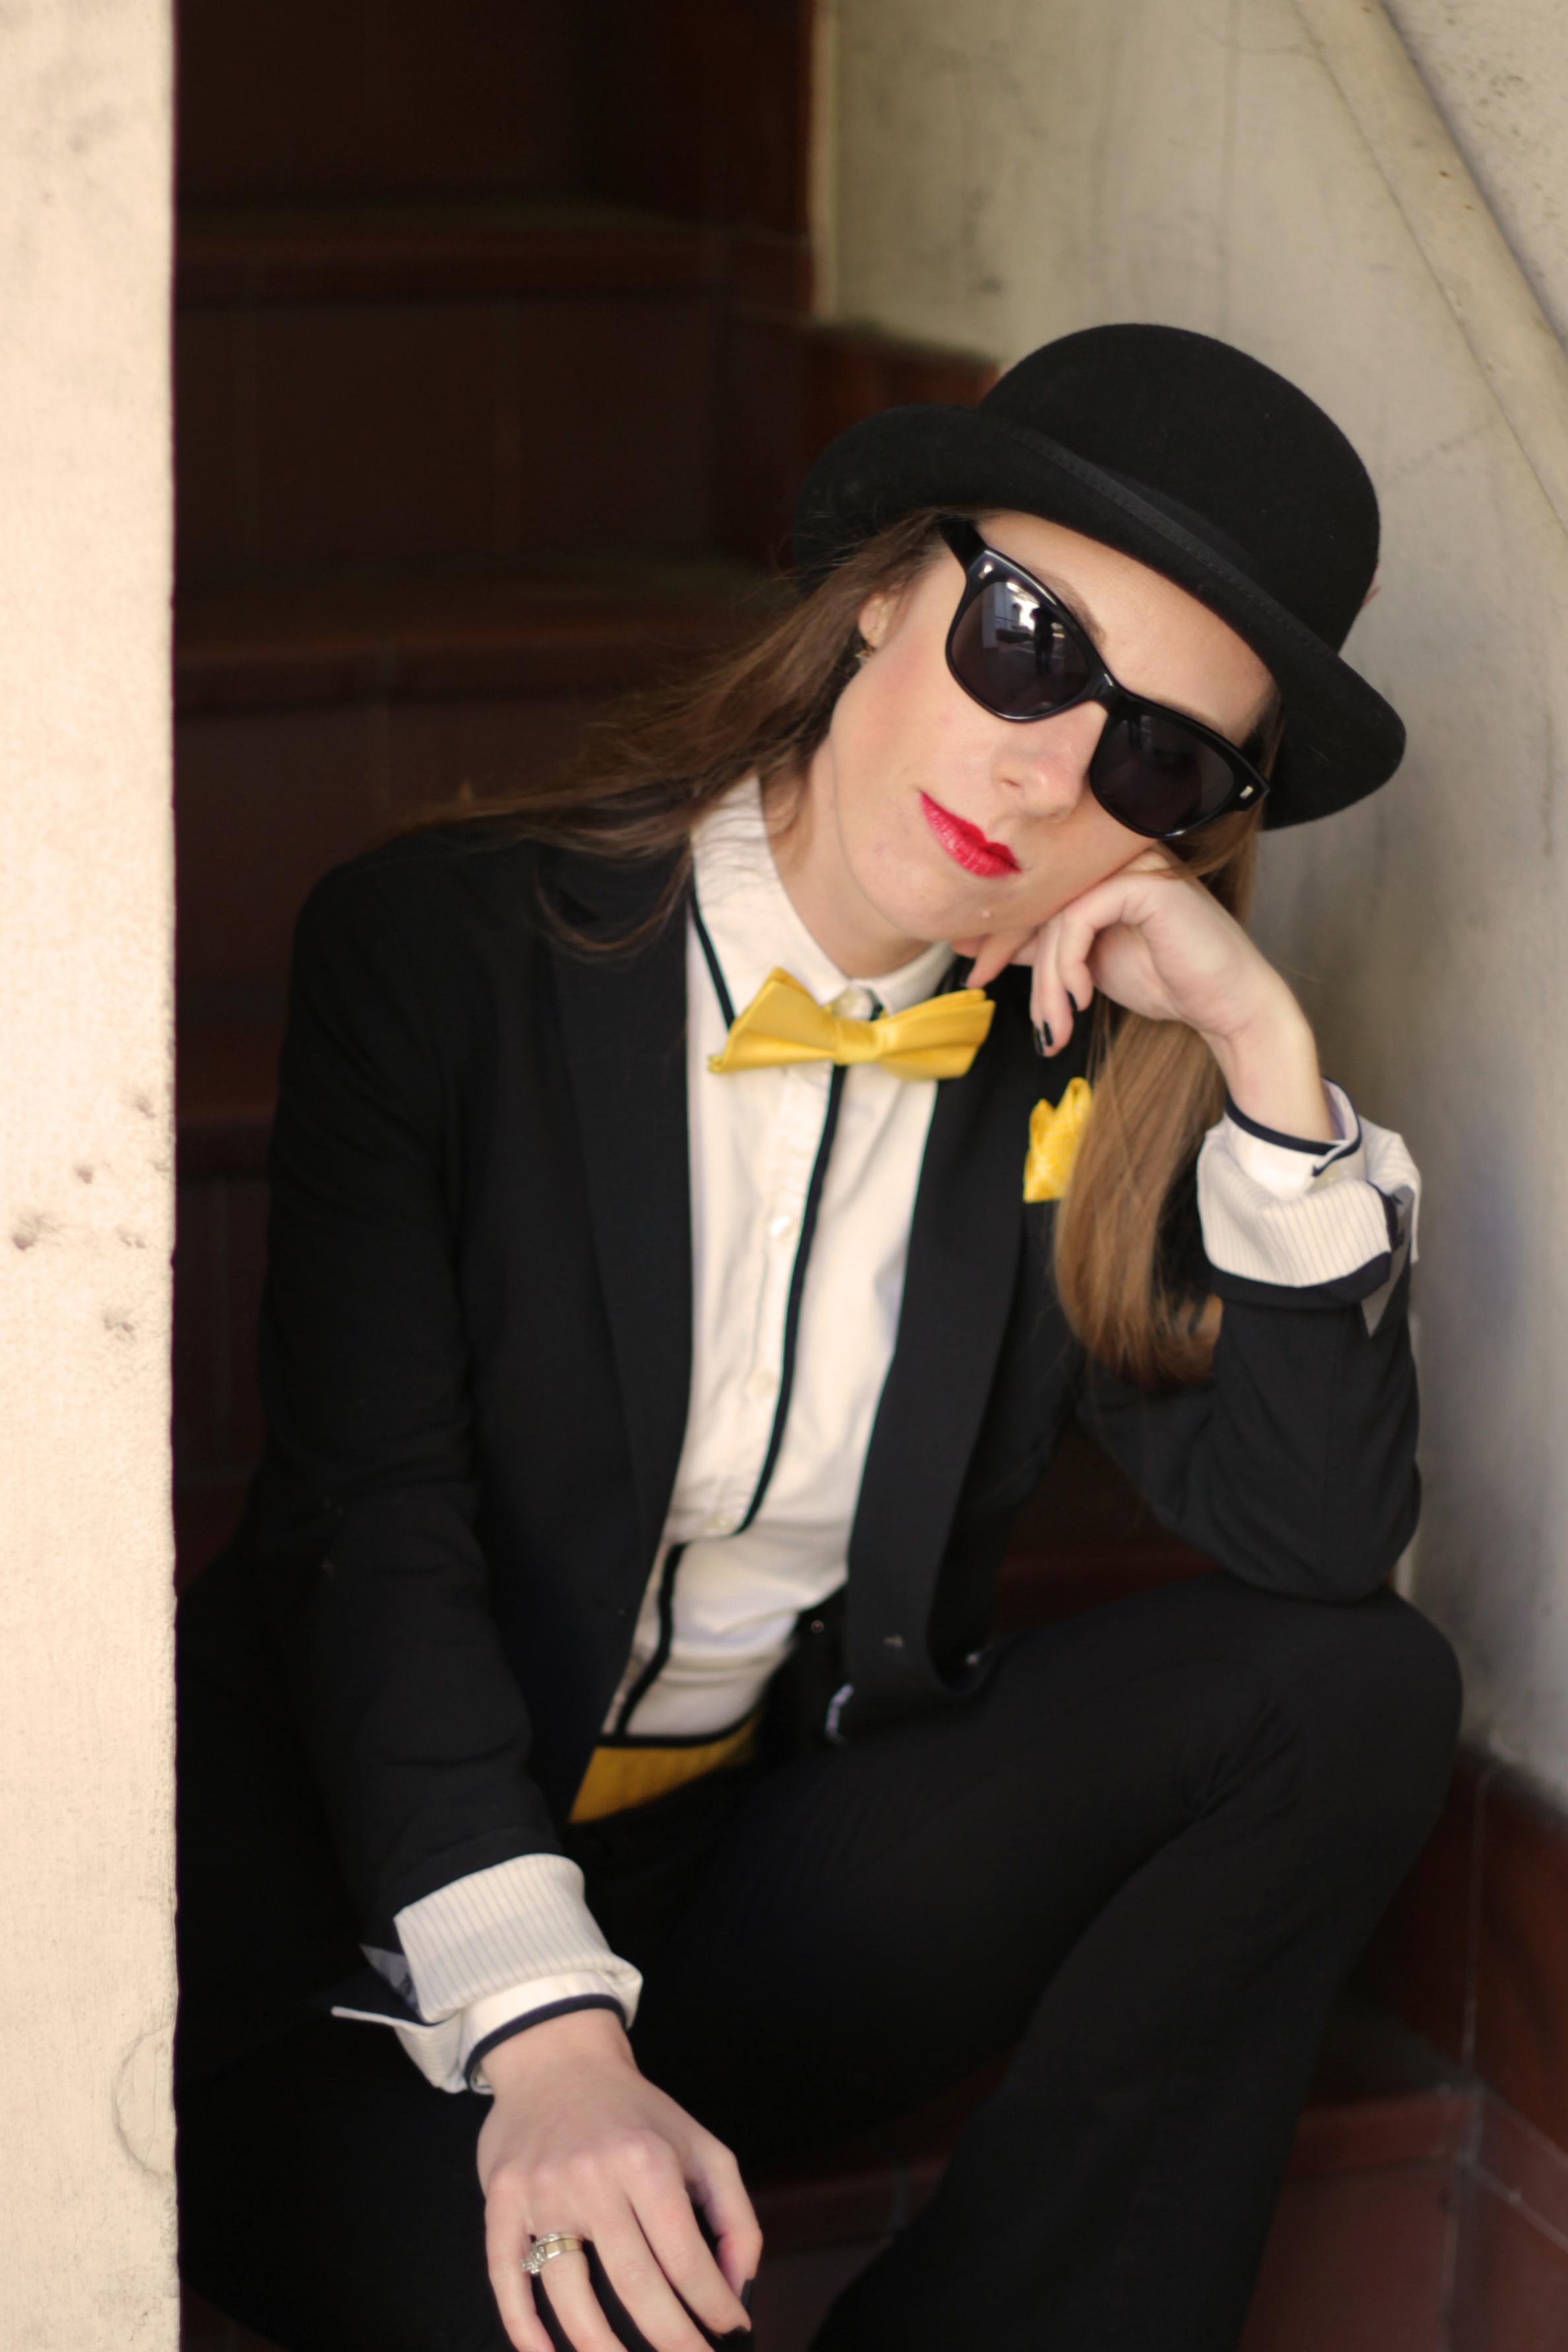 tuxedo-for-women.jpg